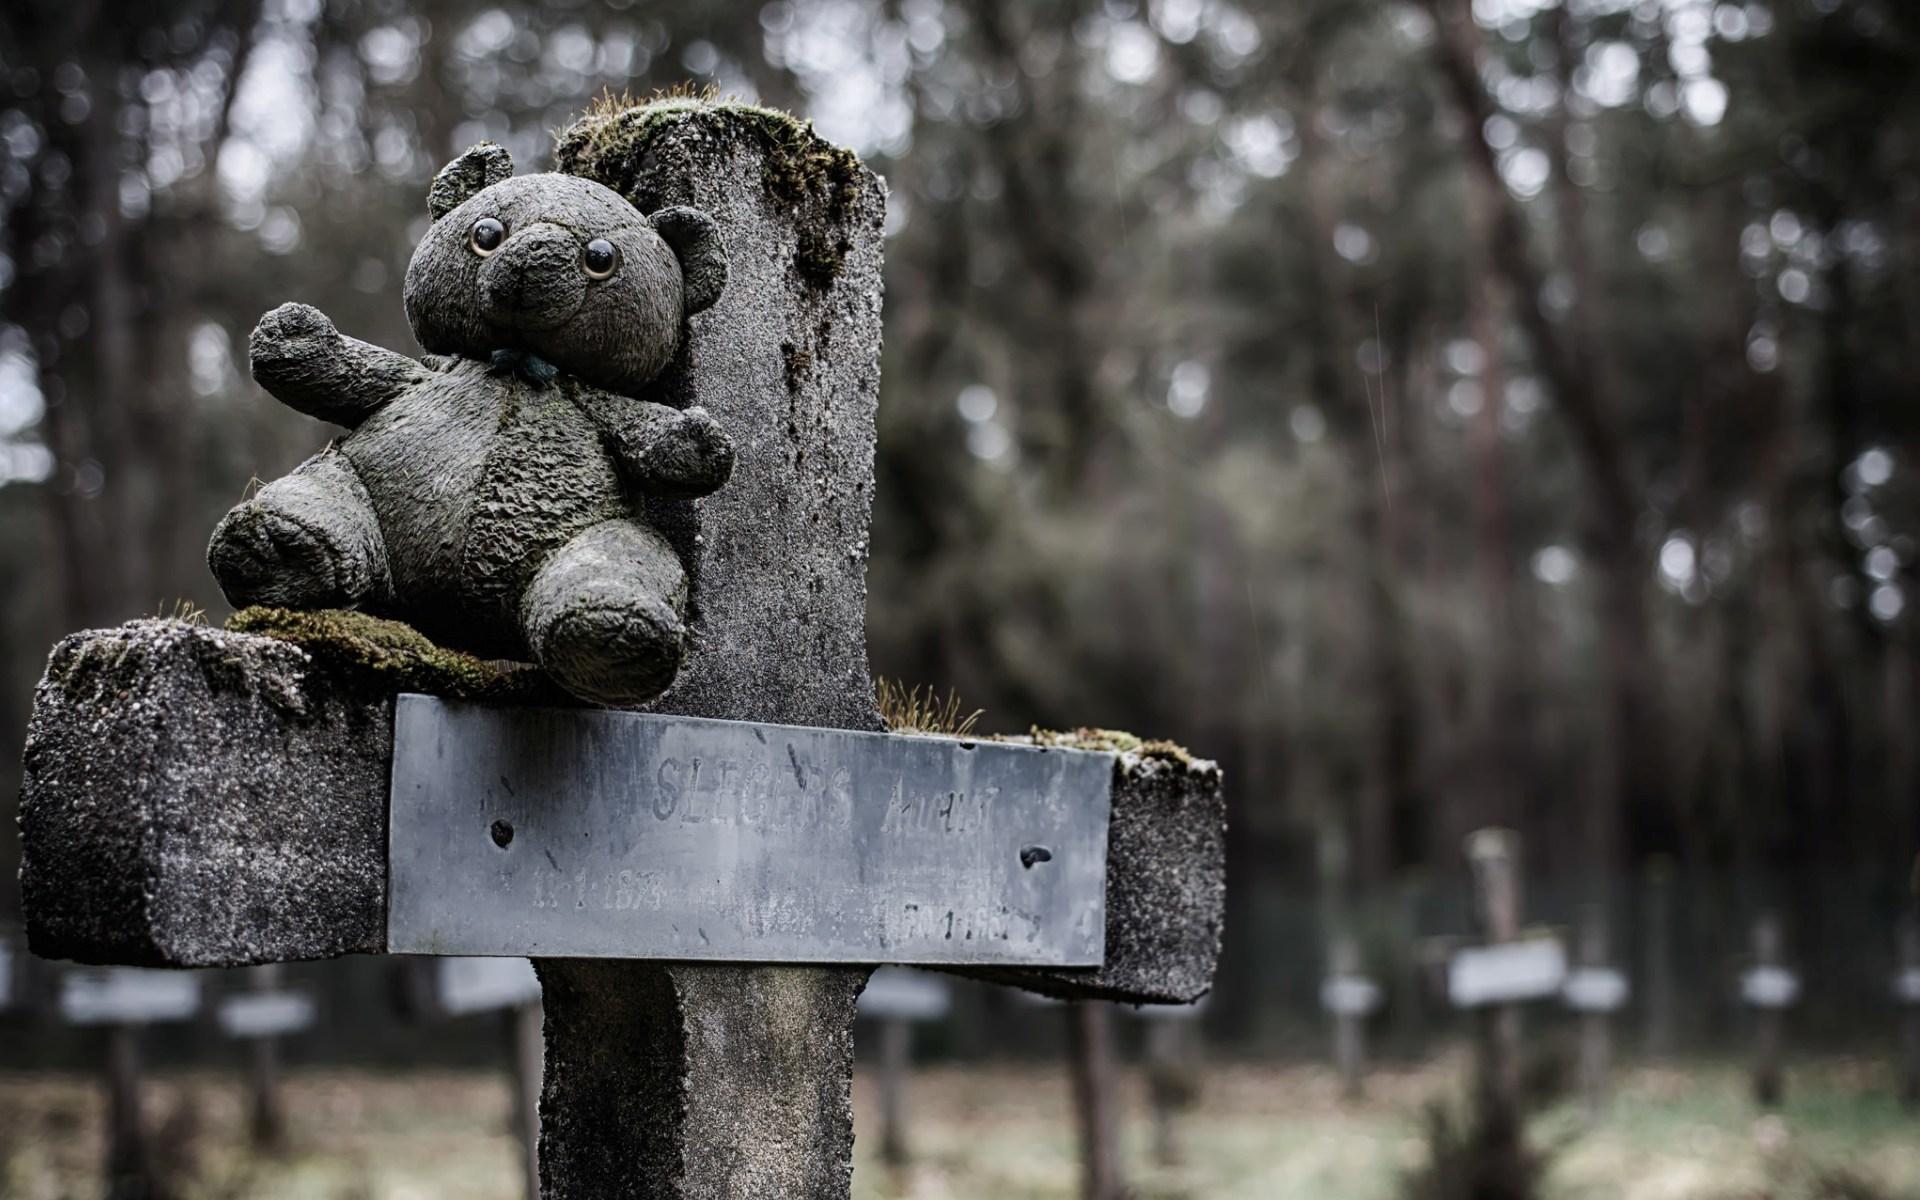 Своими руками домой вещи с кладбища